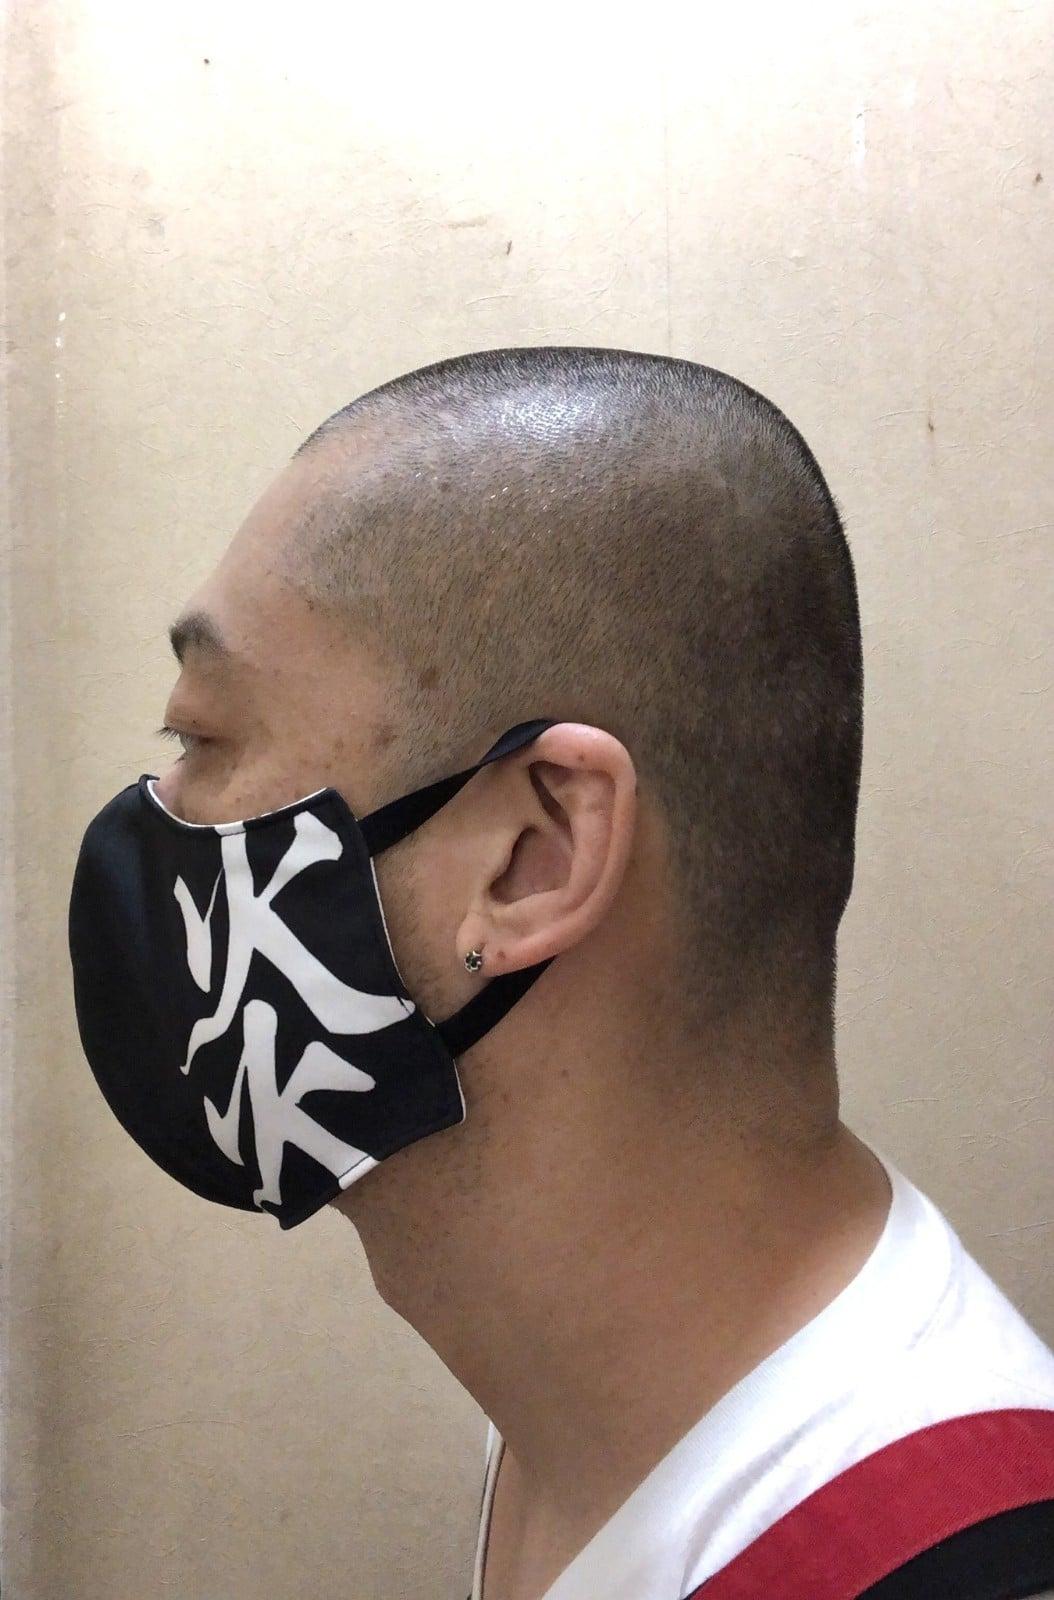 Sattığı yemekten saç çıkan Japon kendini cezalandırdı